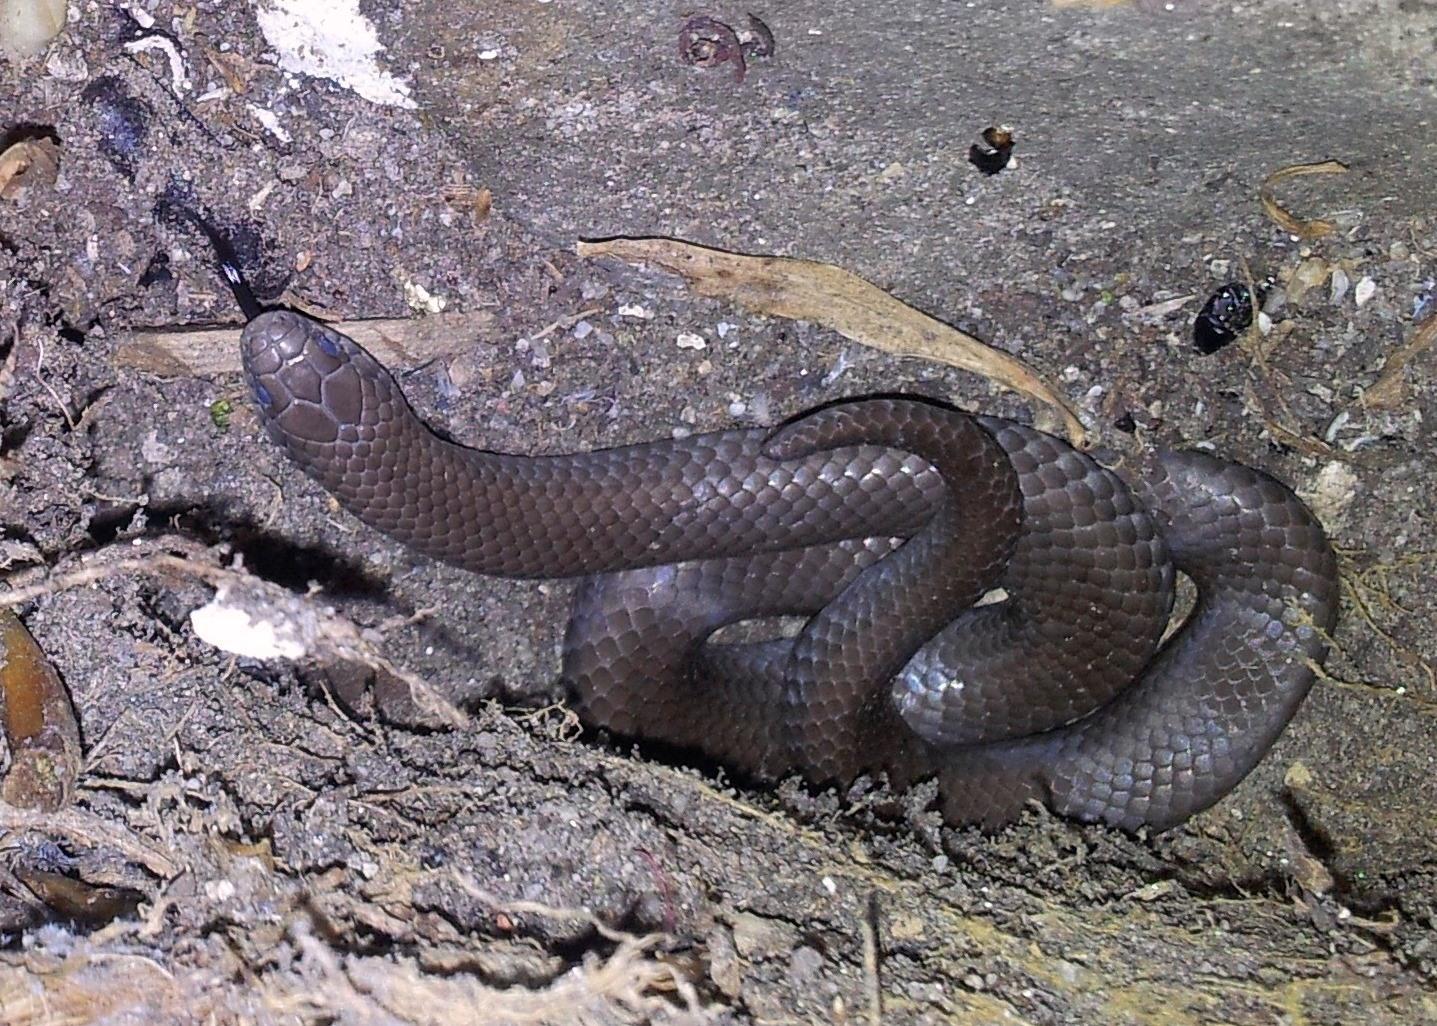 Улиткоедные змеи (Pareas, Aplopeltura и другие)